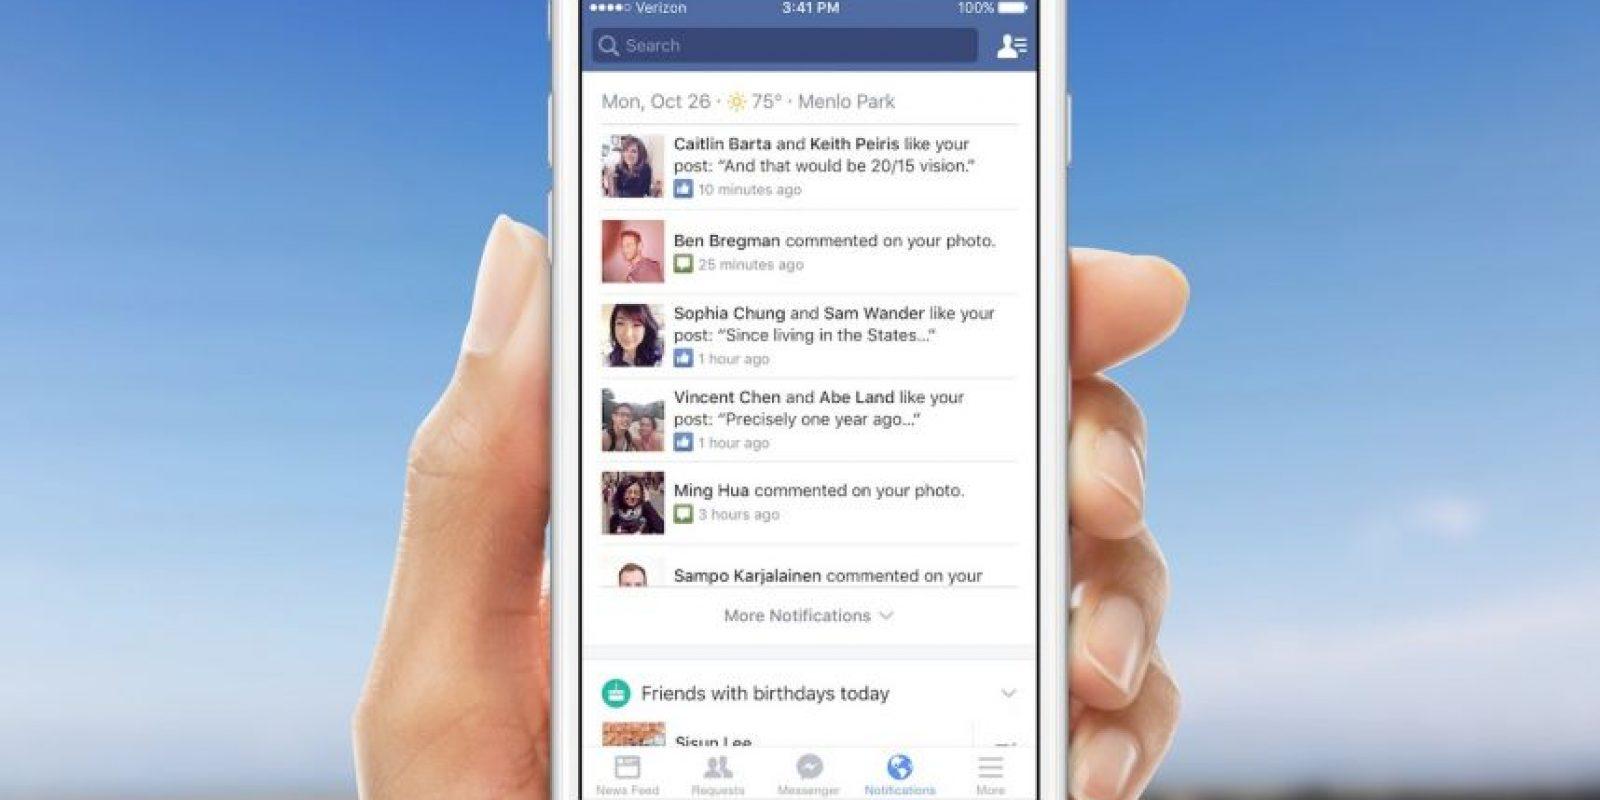 El menú de notificaciones tiene nuevas opciones. Foto:Facebook